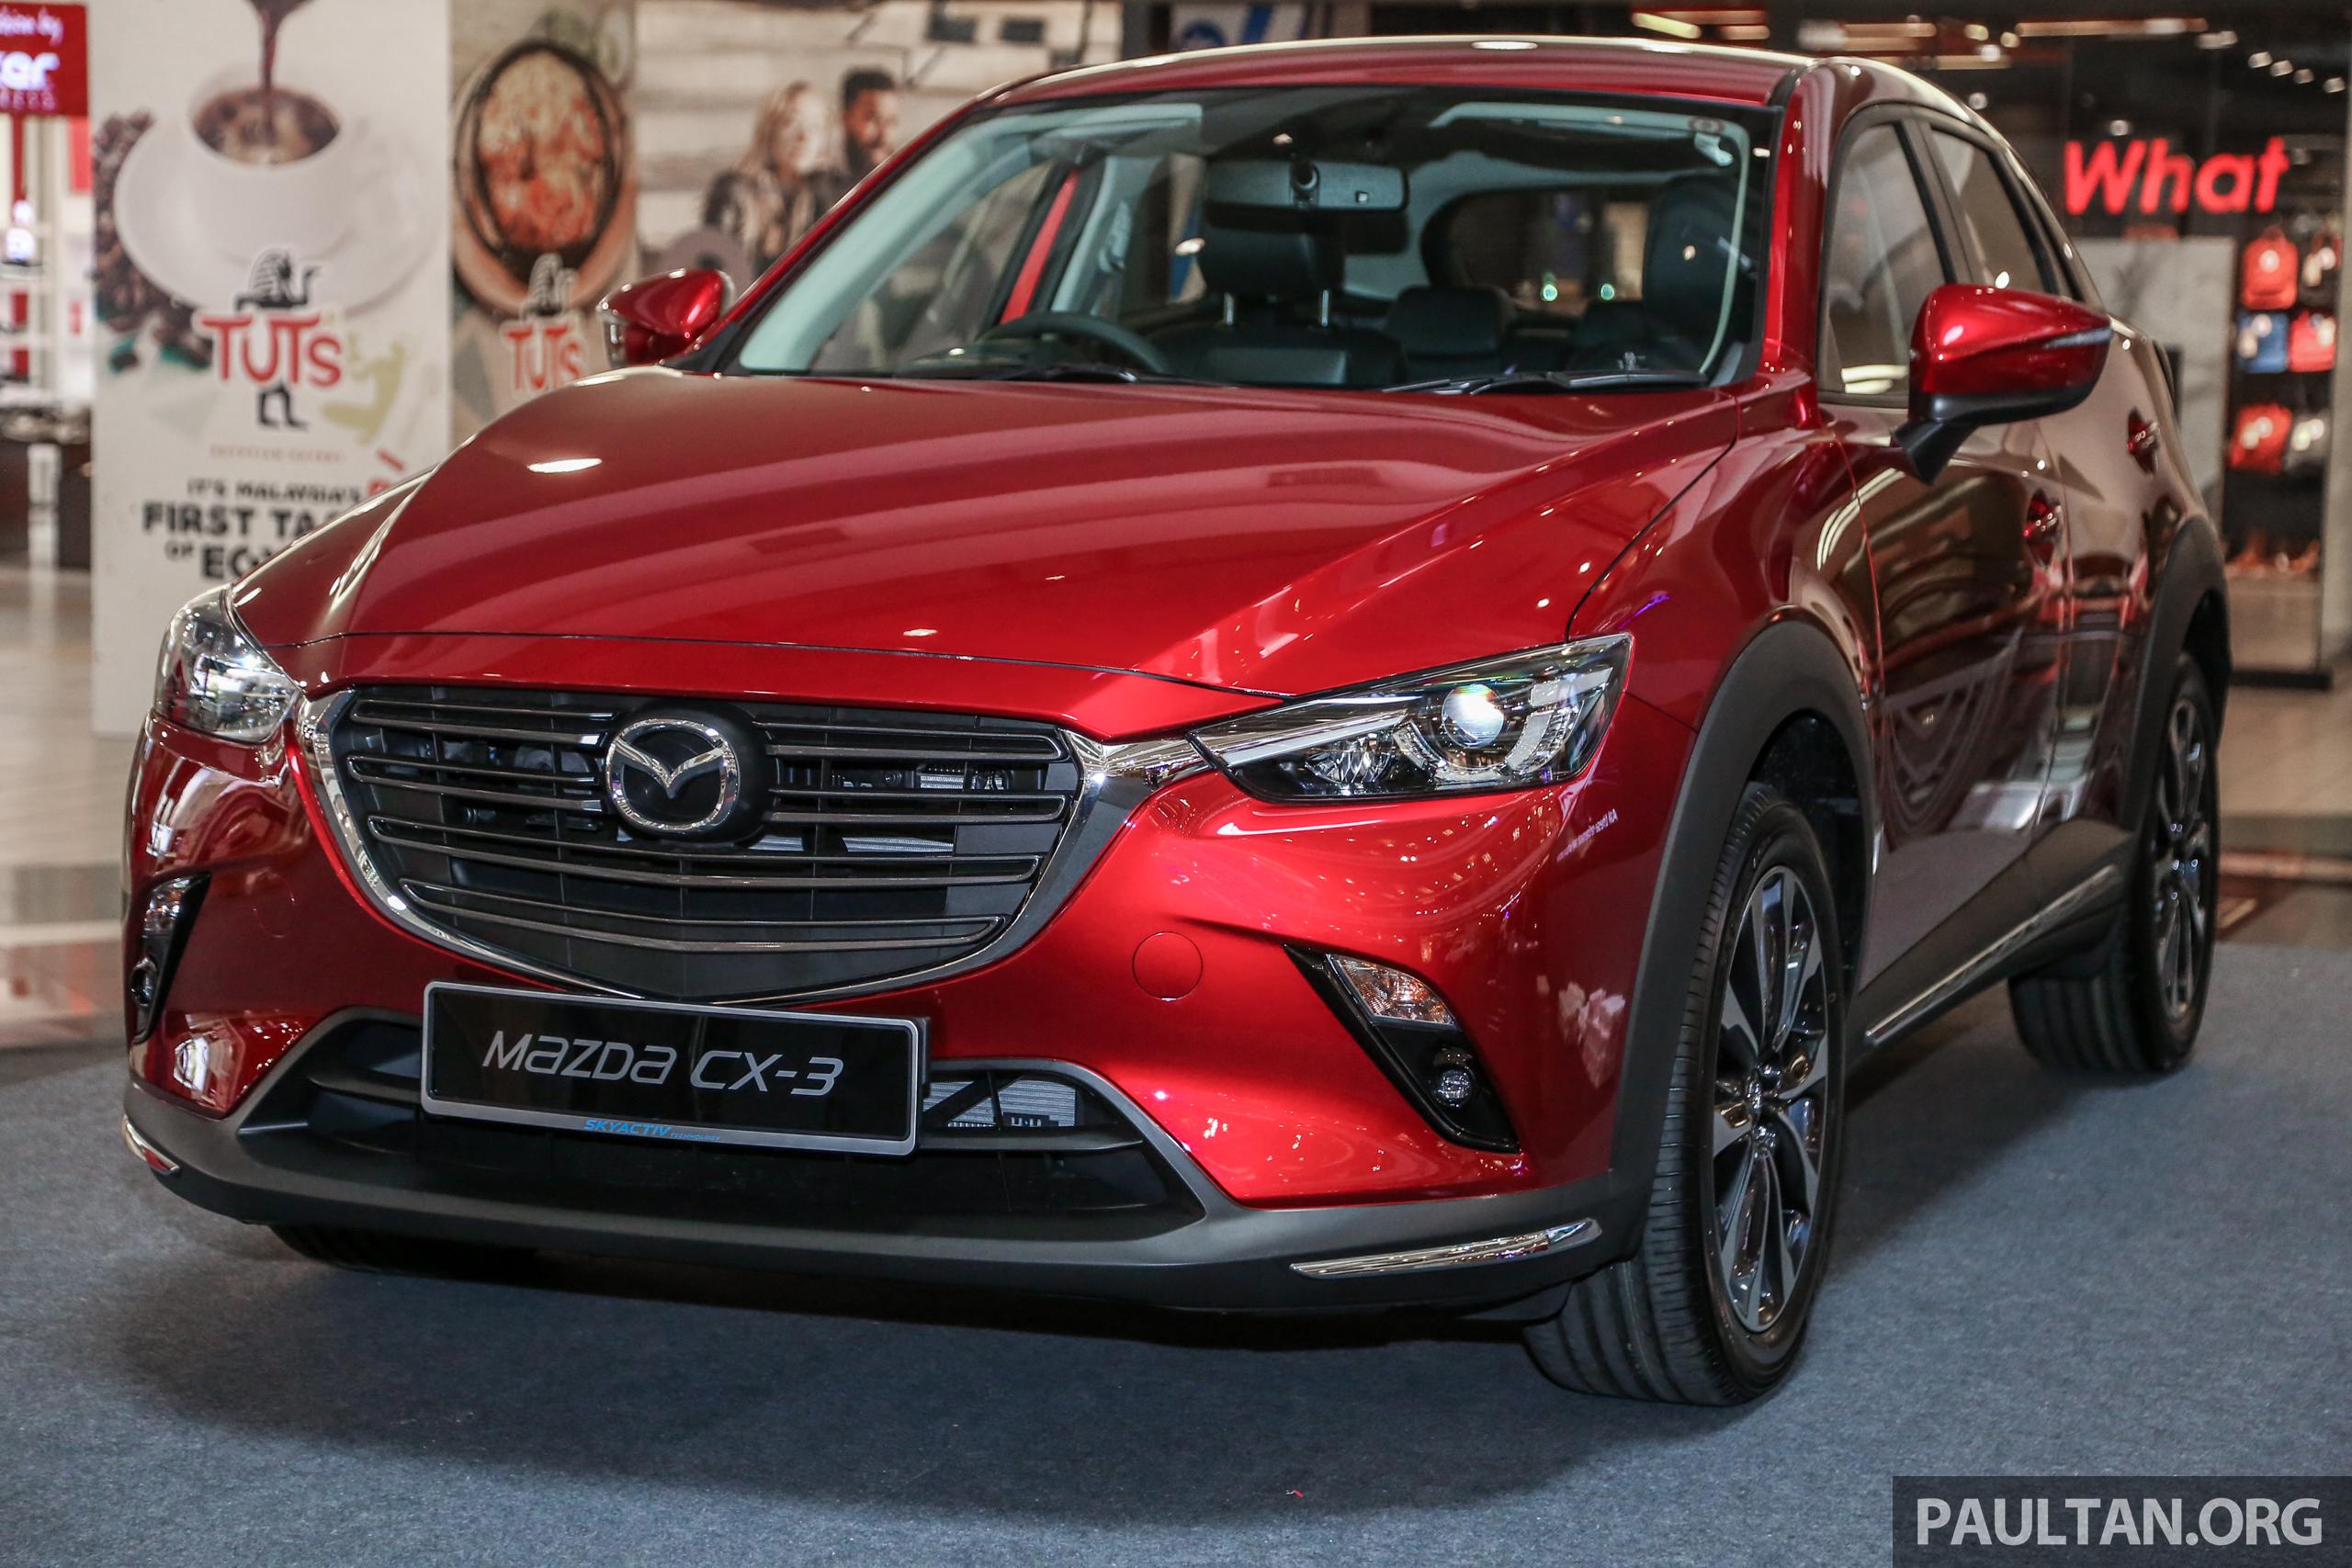 Mazda_CX3_FL_OneU_Ext-2